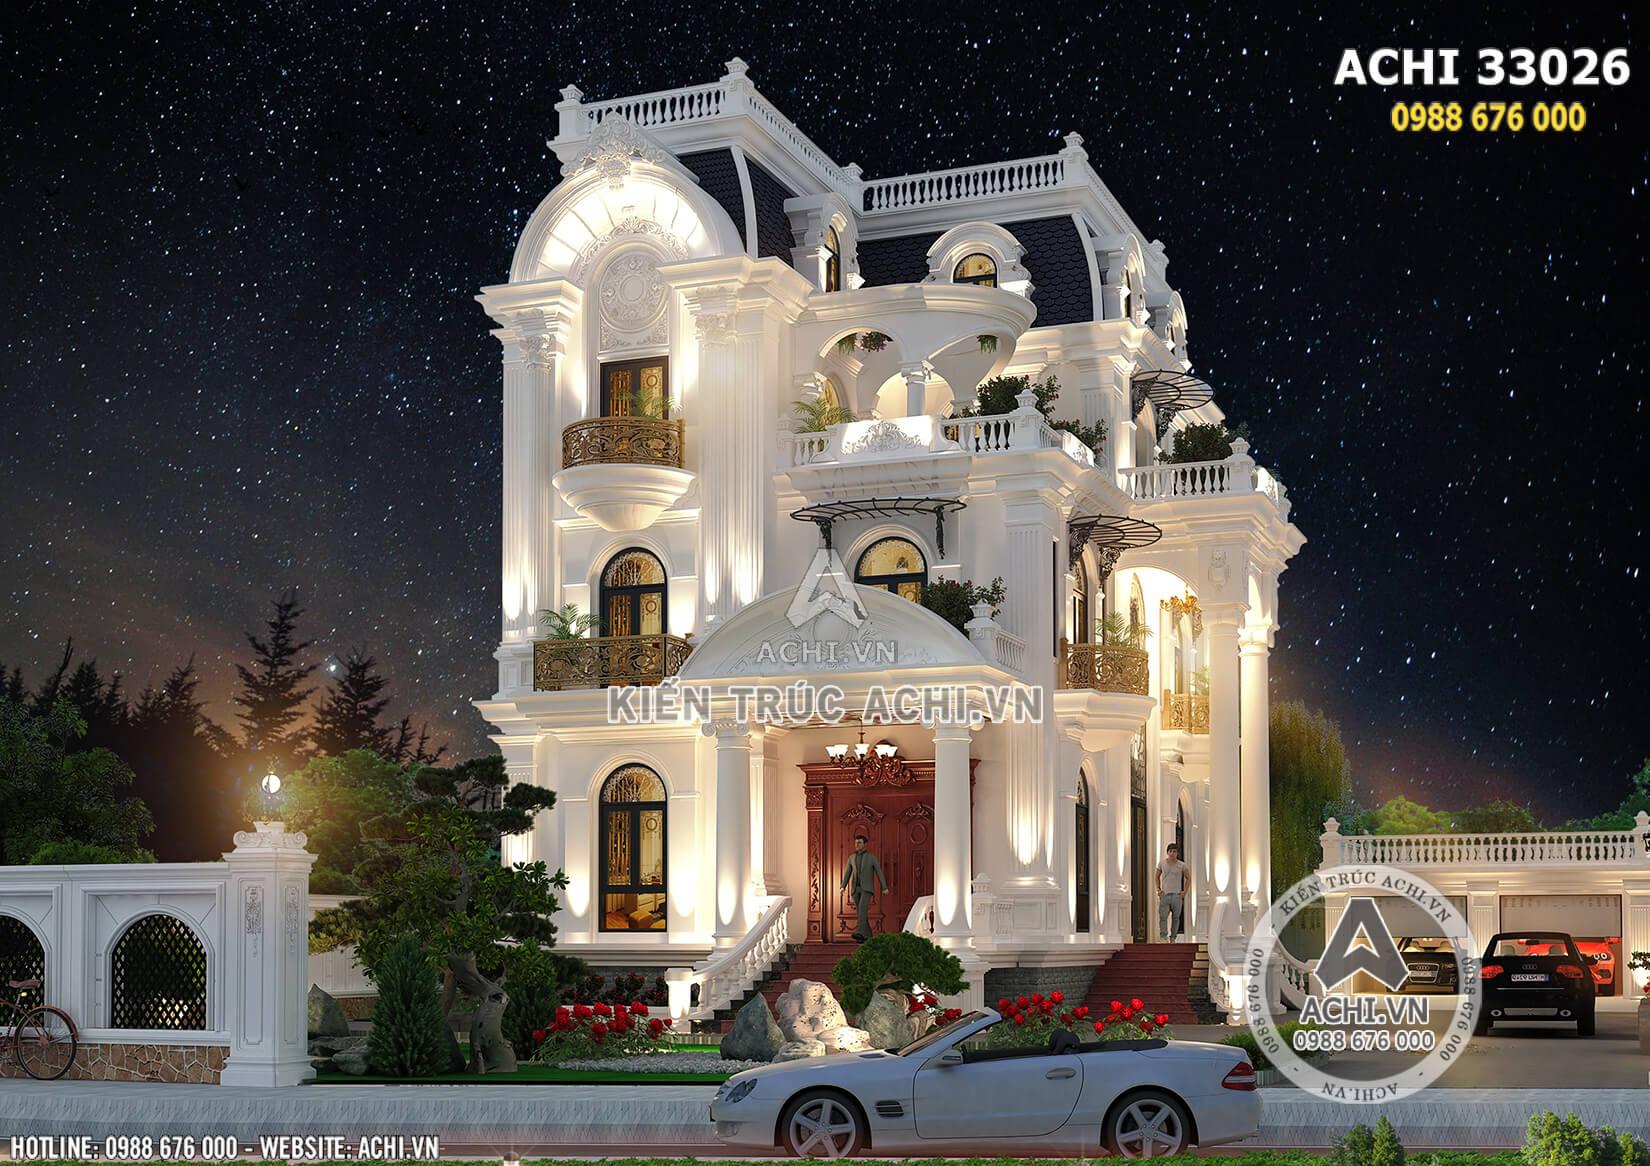 Mẫu nhà đẹp tân cổ điển mặt tiền 9m 4 tầng